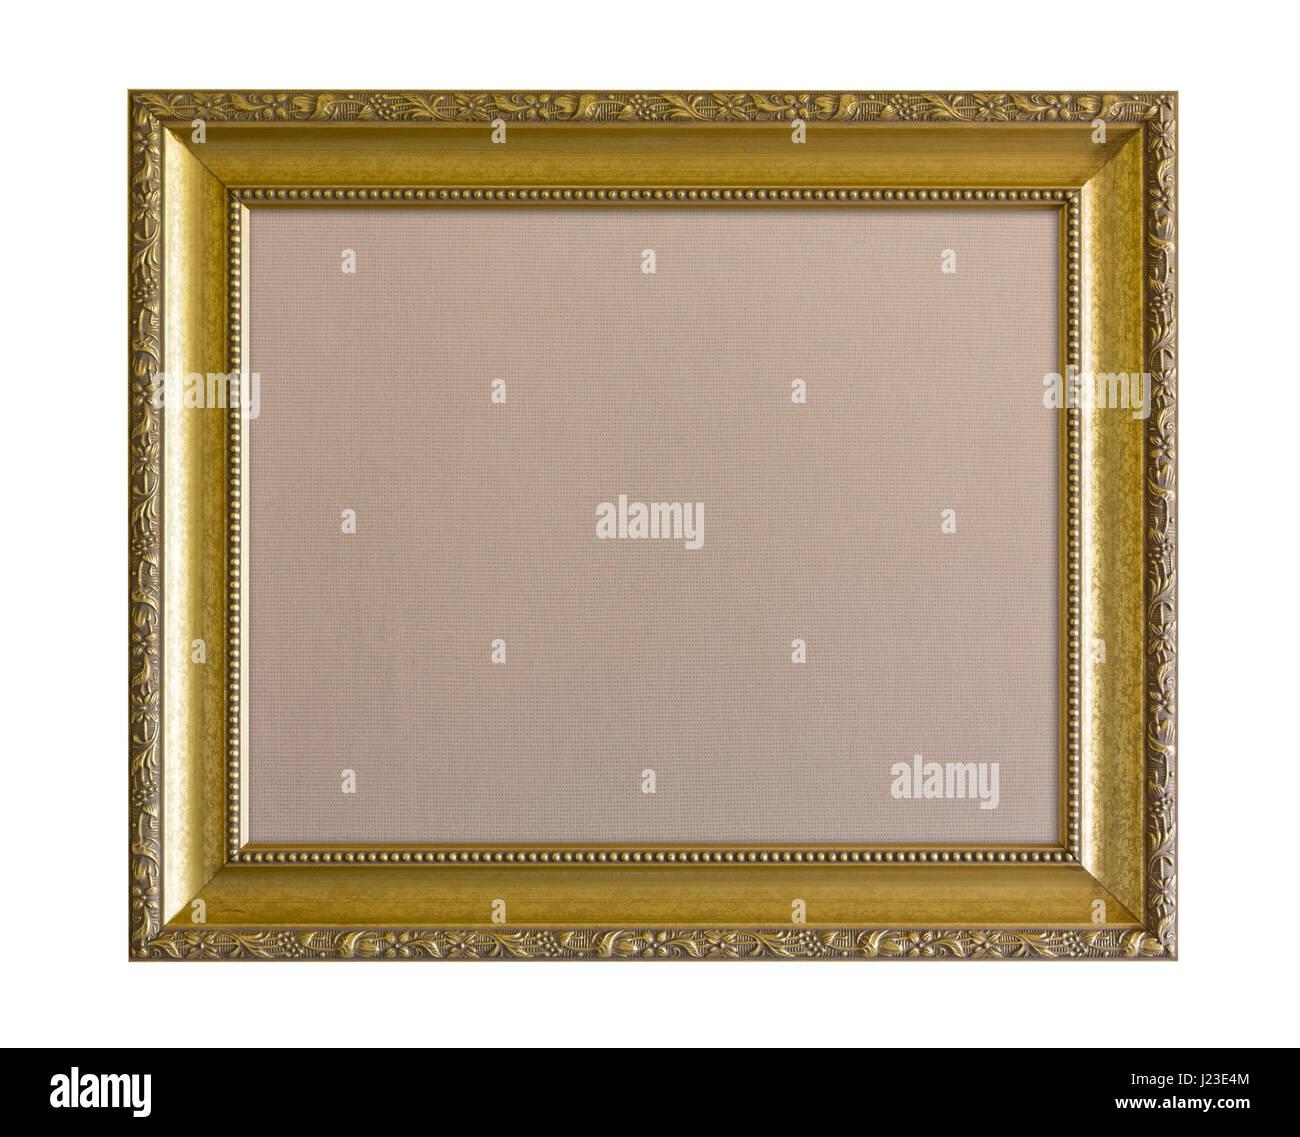 Reich Verzierte Gold Bilderrahmen Stockfoto Bild 138989220 Alamy